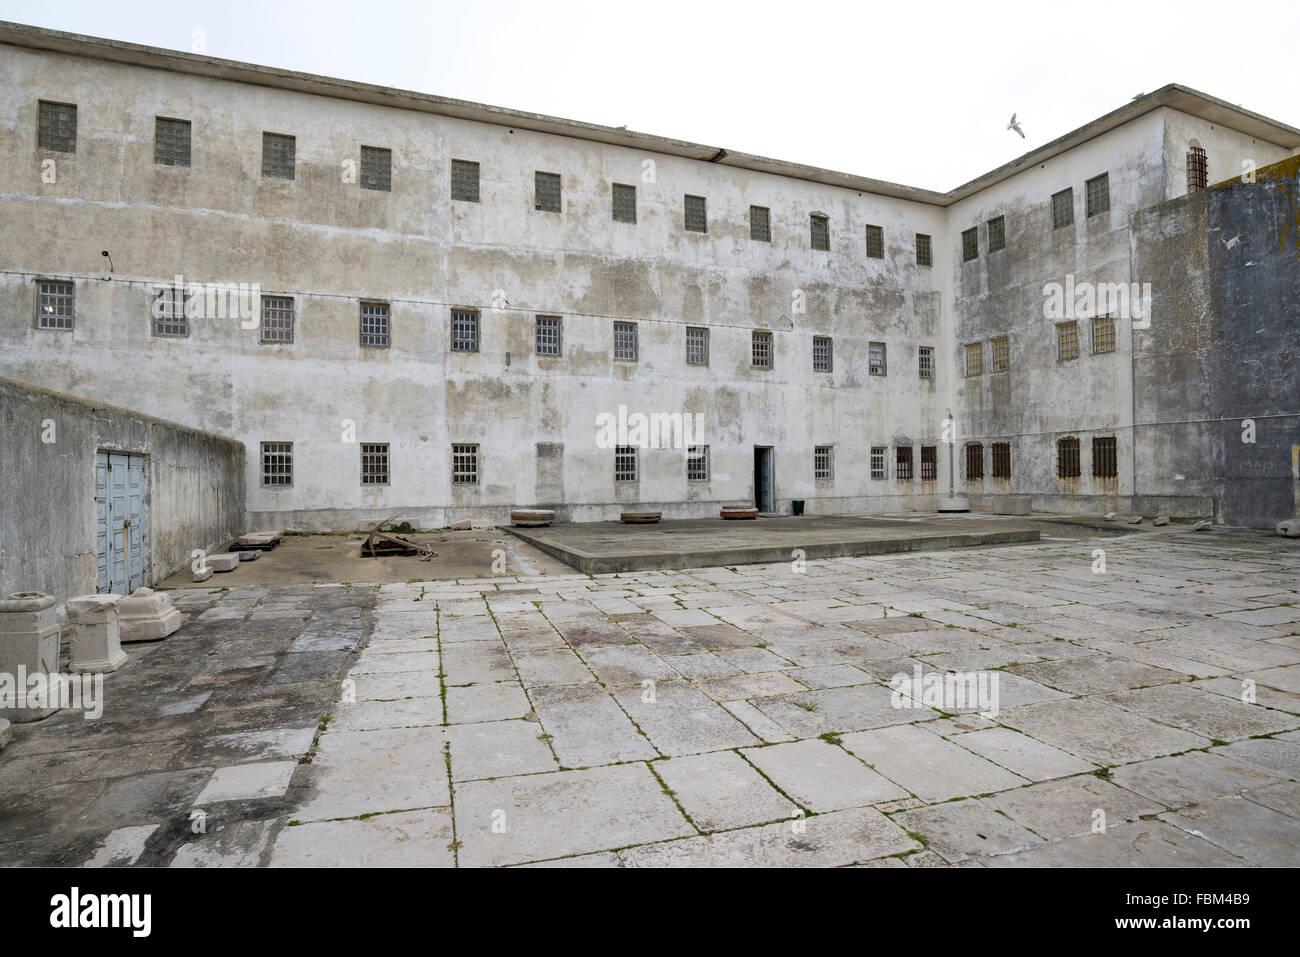 A former political prison in Peniche, Portugal. - Stock Image